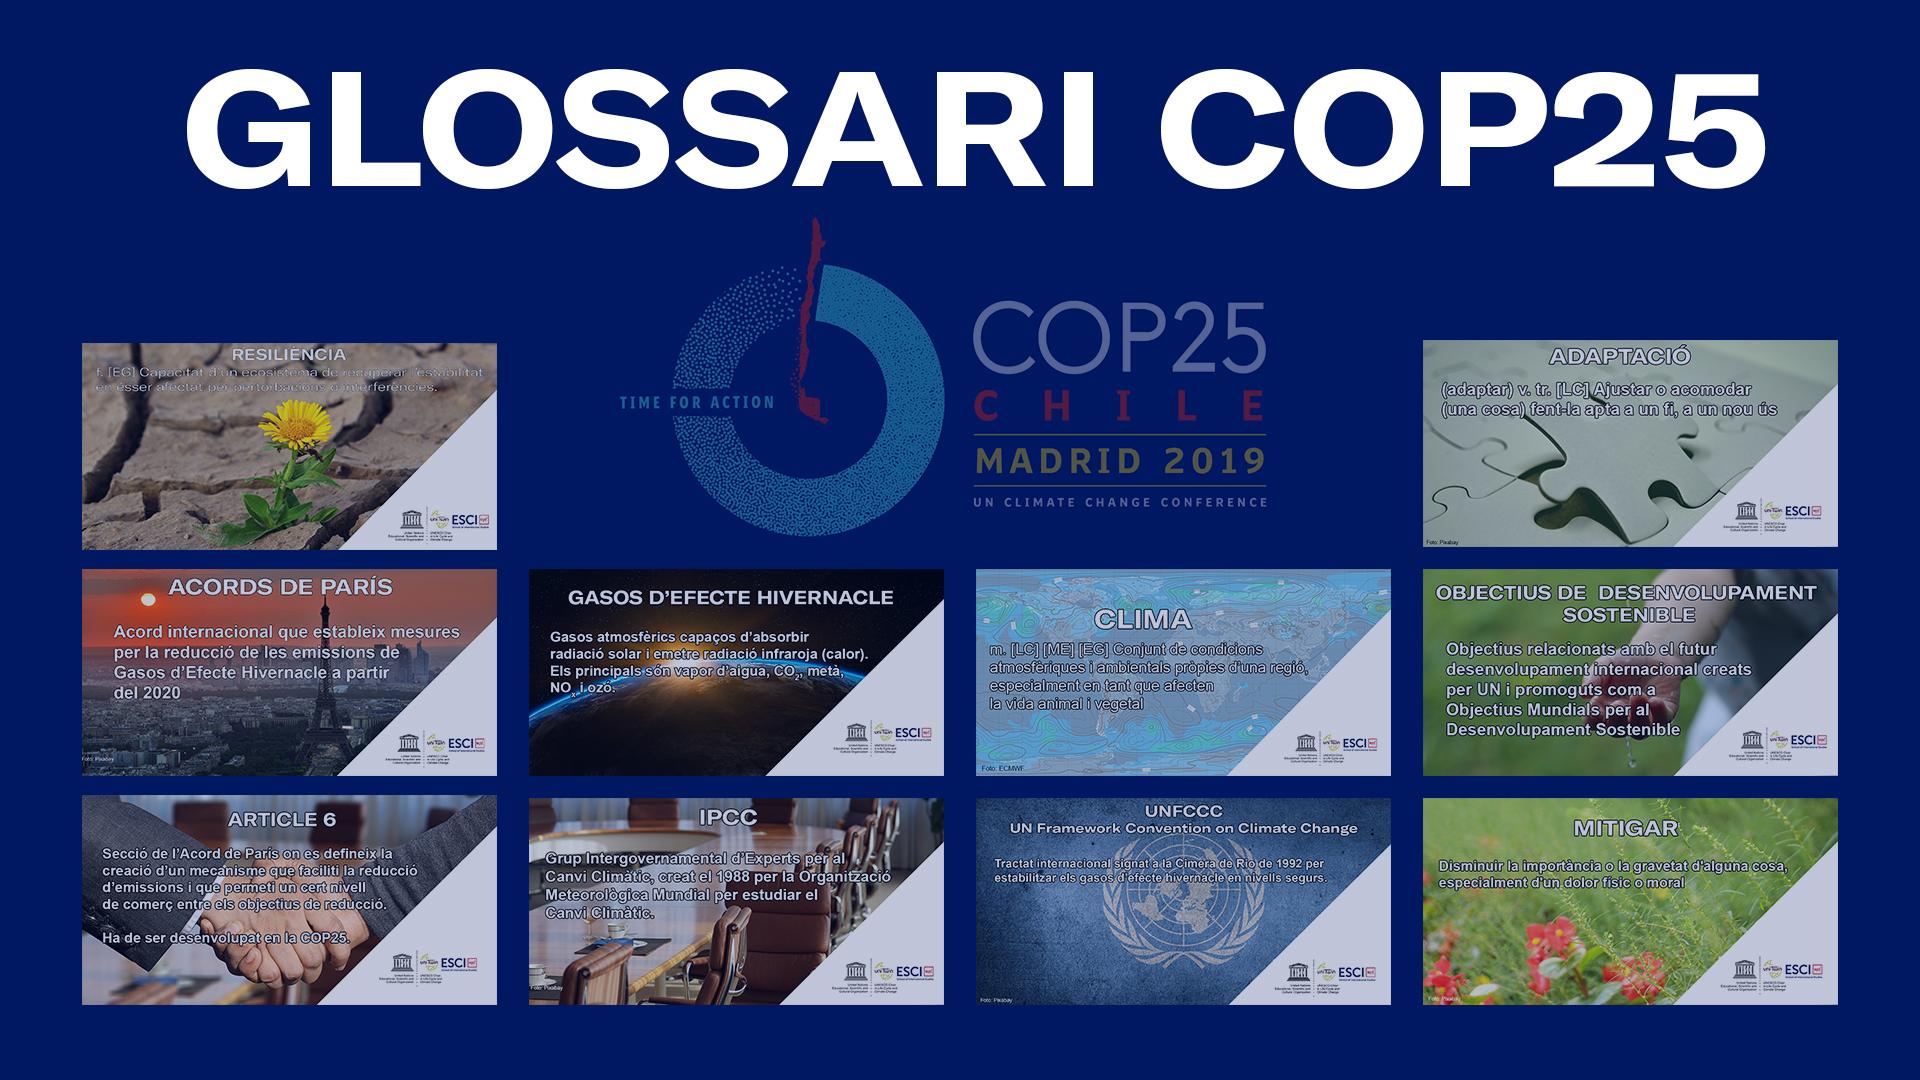 Glossari COP25